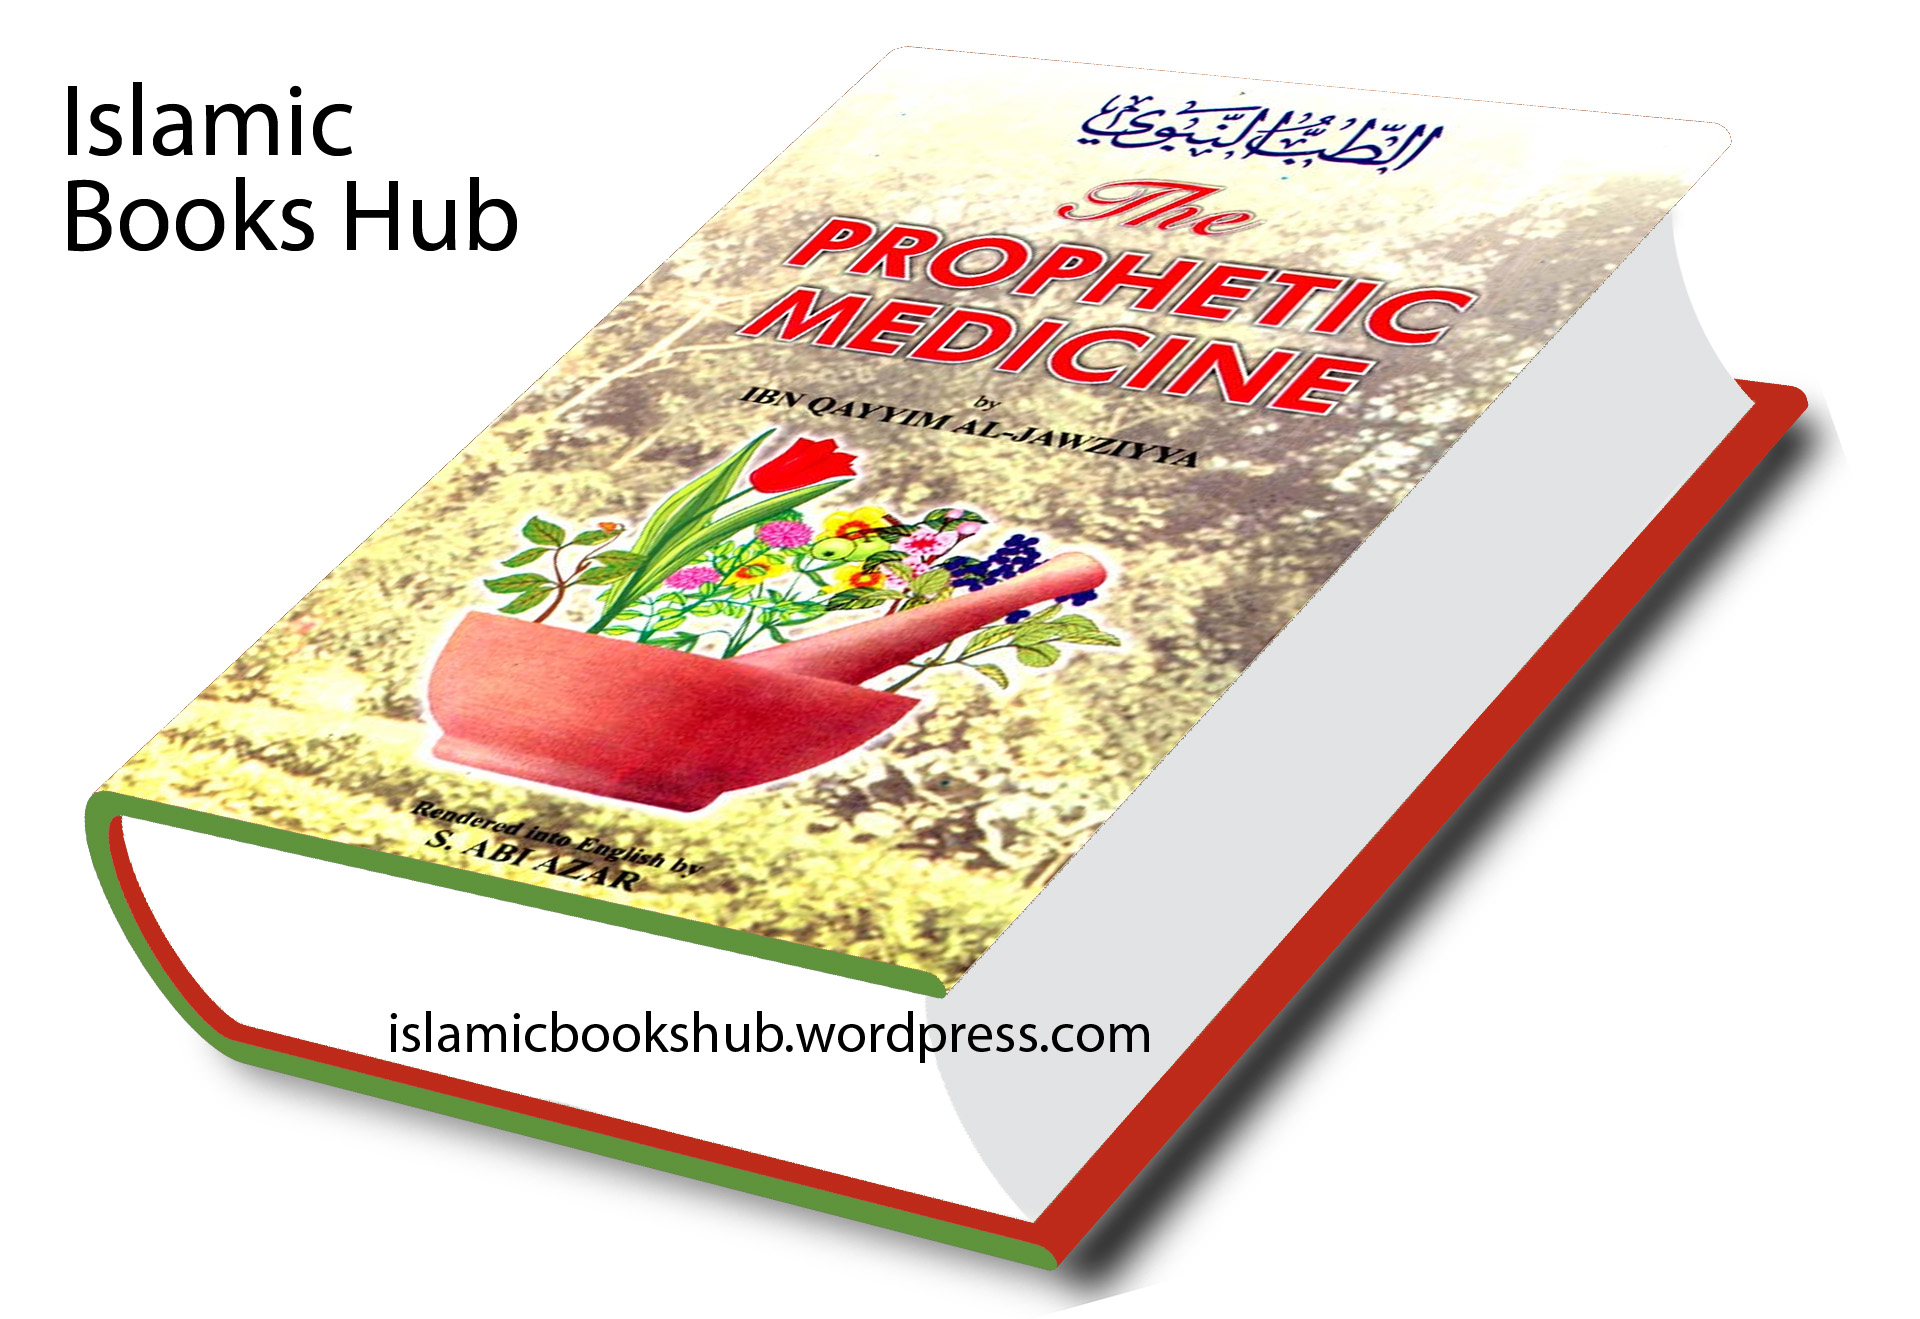 The Prophetic Medicine By Shaykh Ibn Qayyim Al-jawziyya